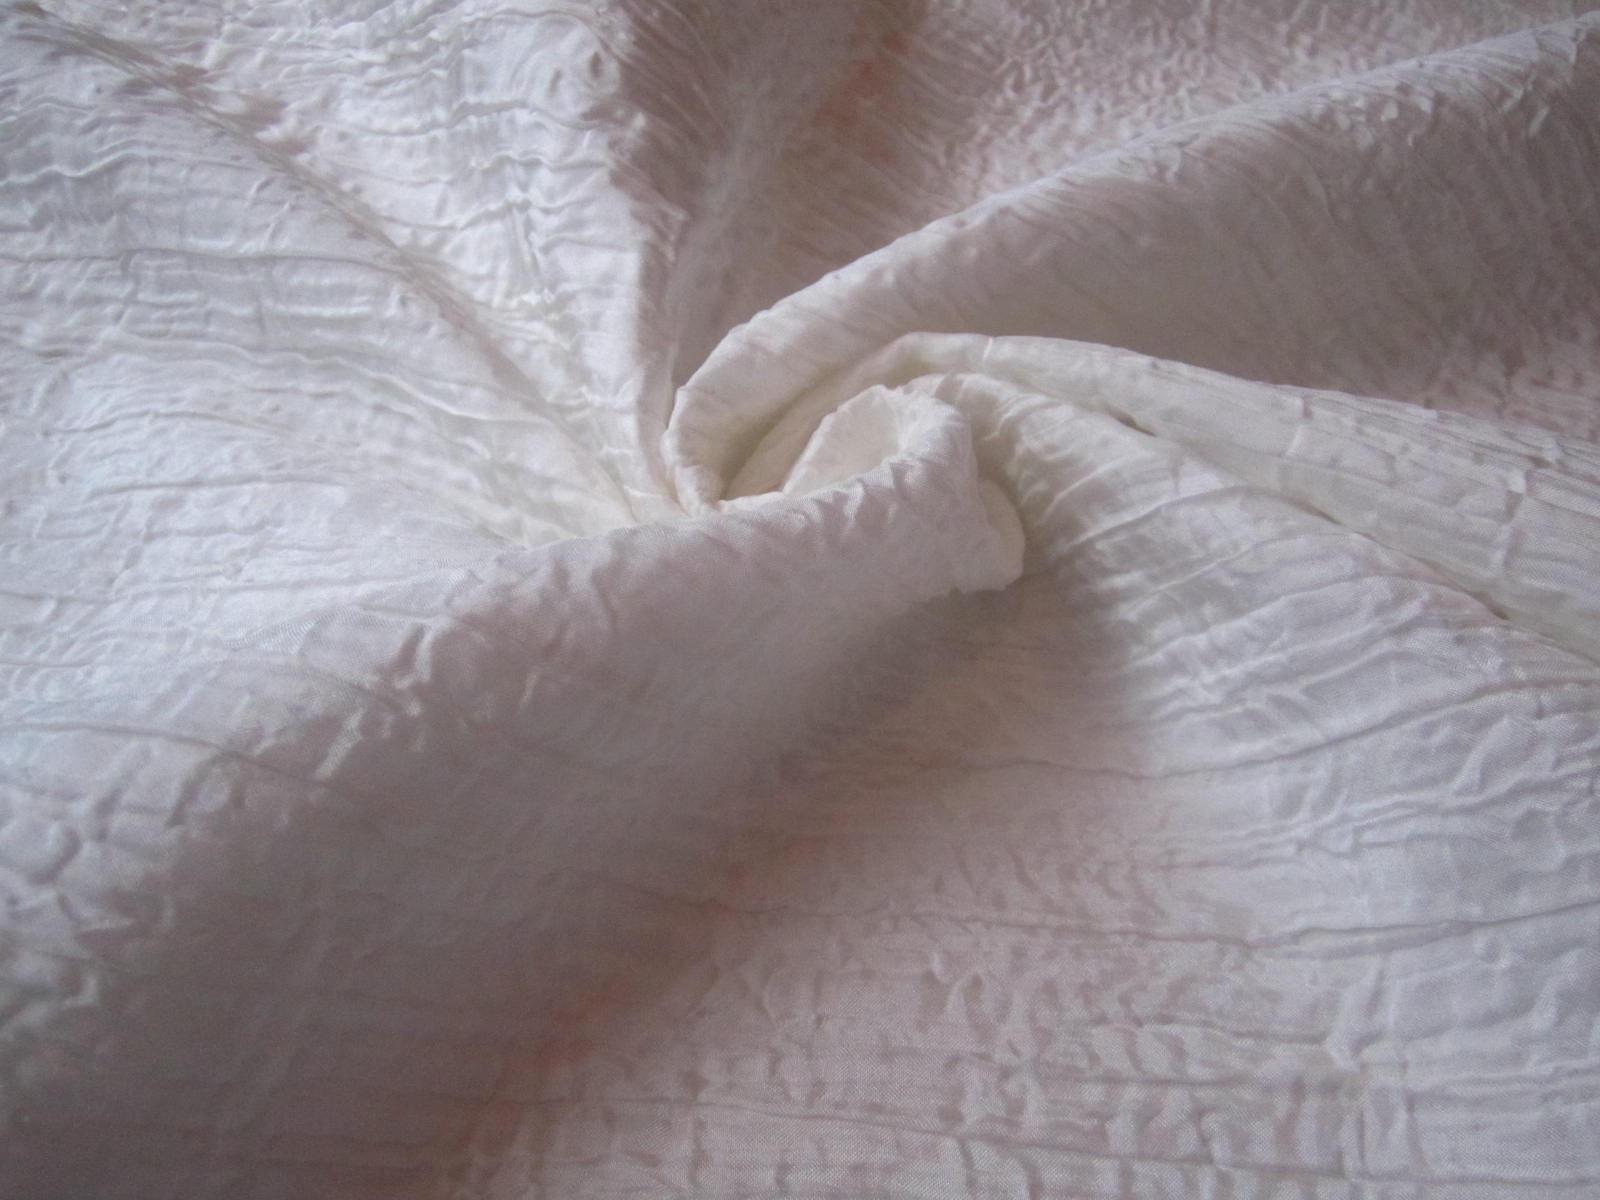 Ekskluzywny francuski jedwab drapee biel śmietankowa